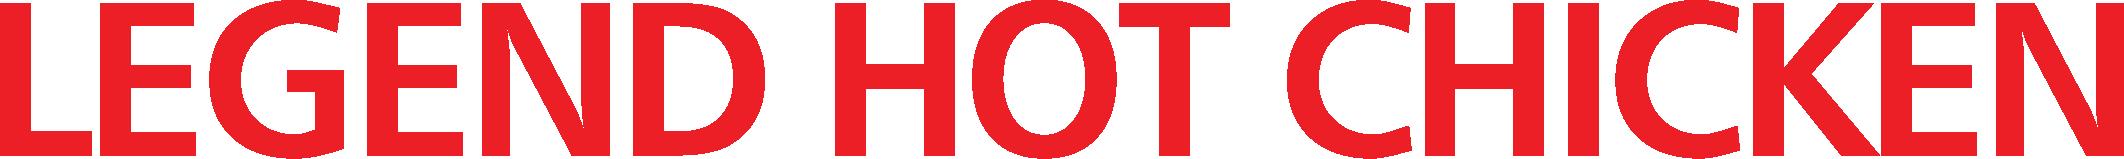 Legend Hot Chicken Text Logo - Top